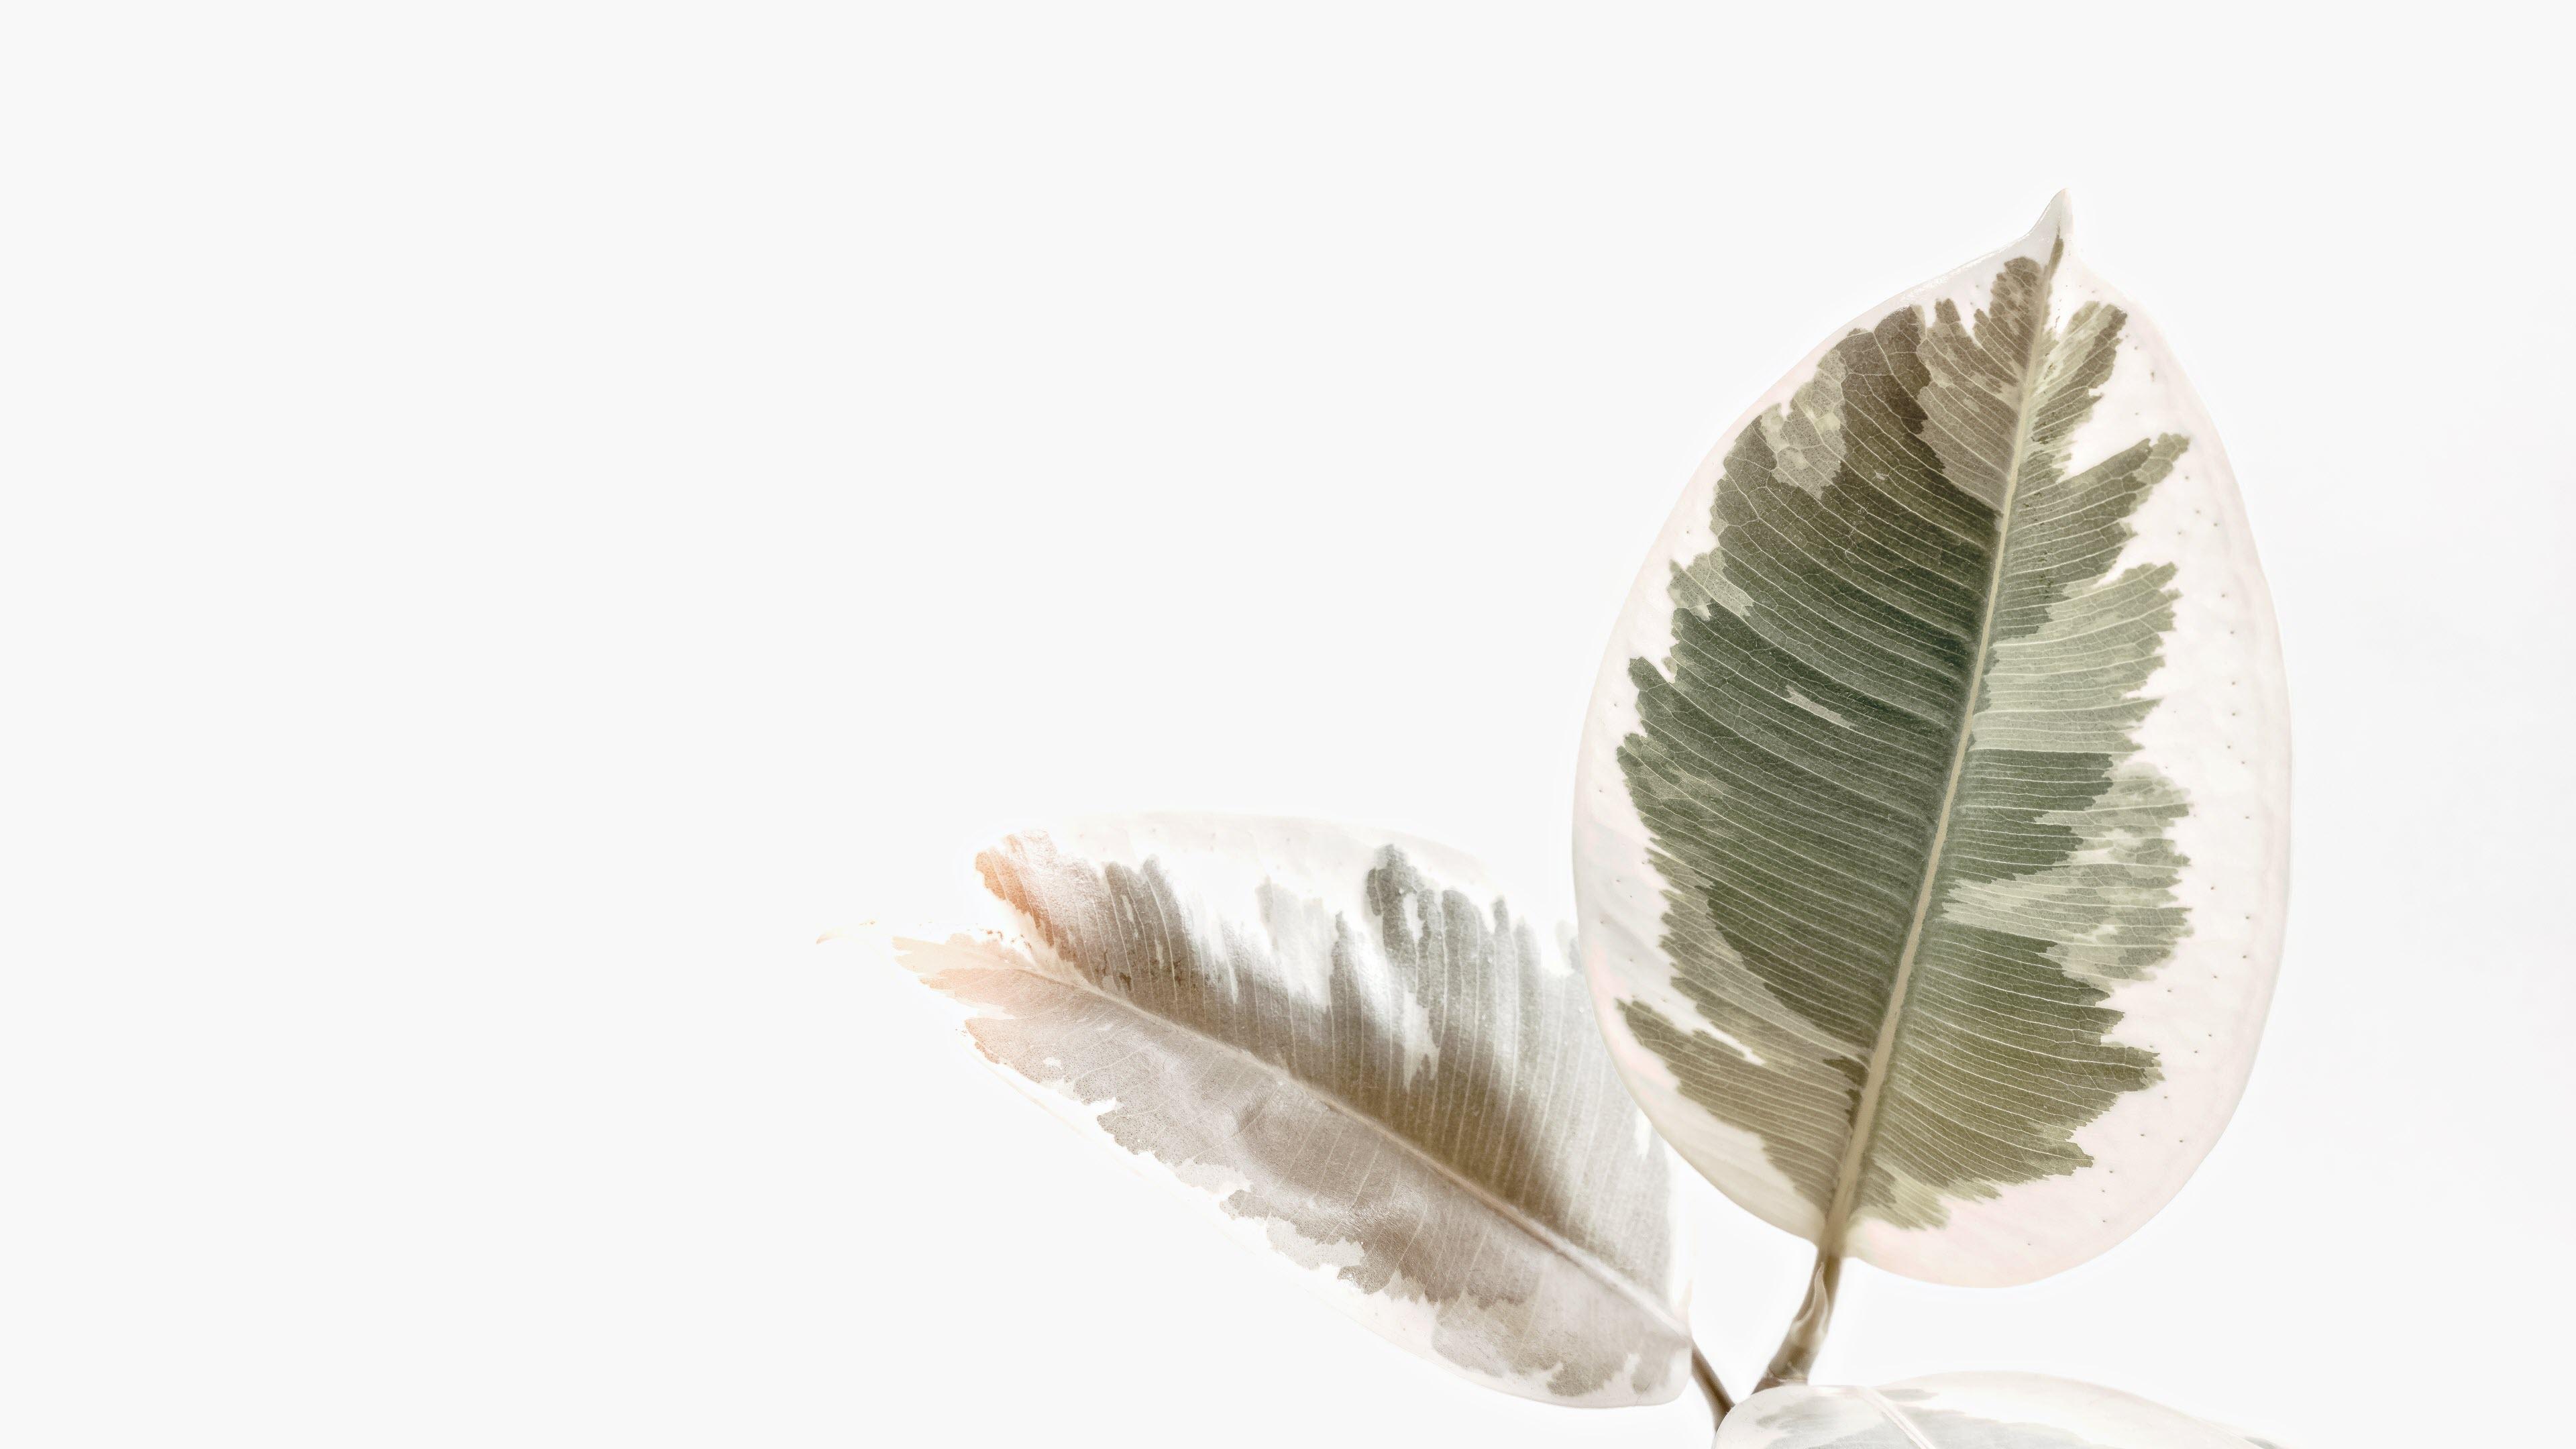 Hình nền màu trắng cực đẹp